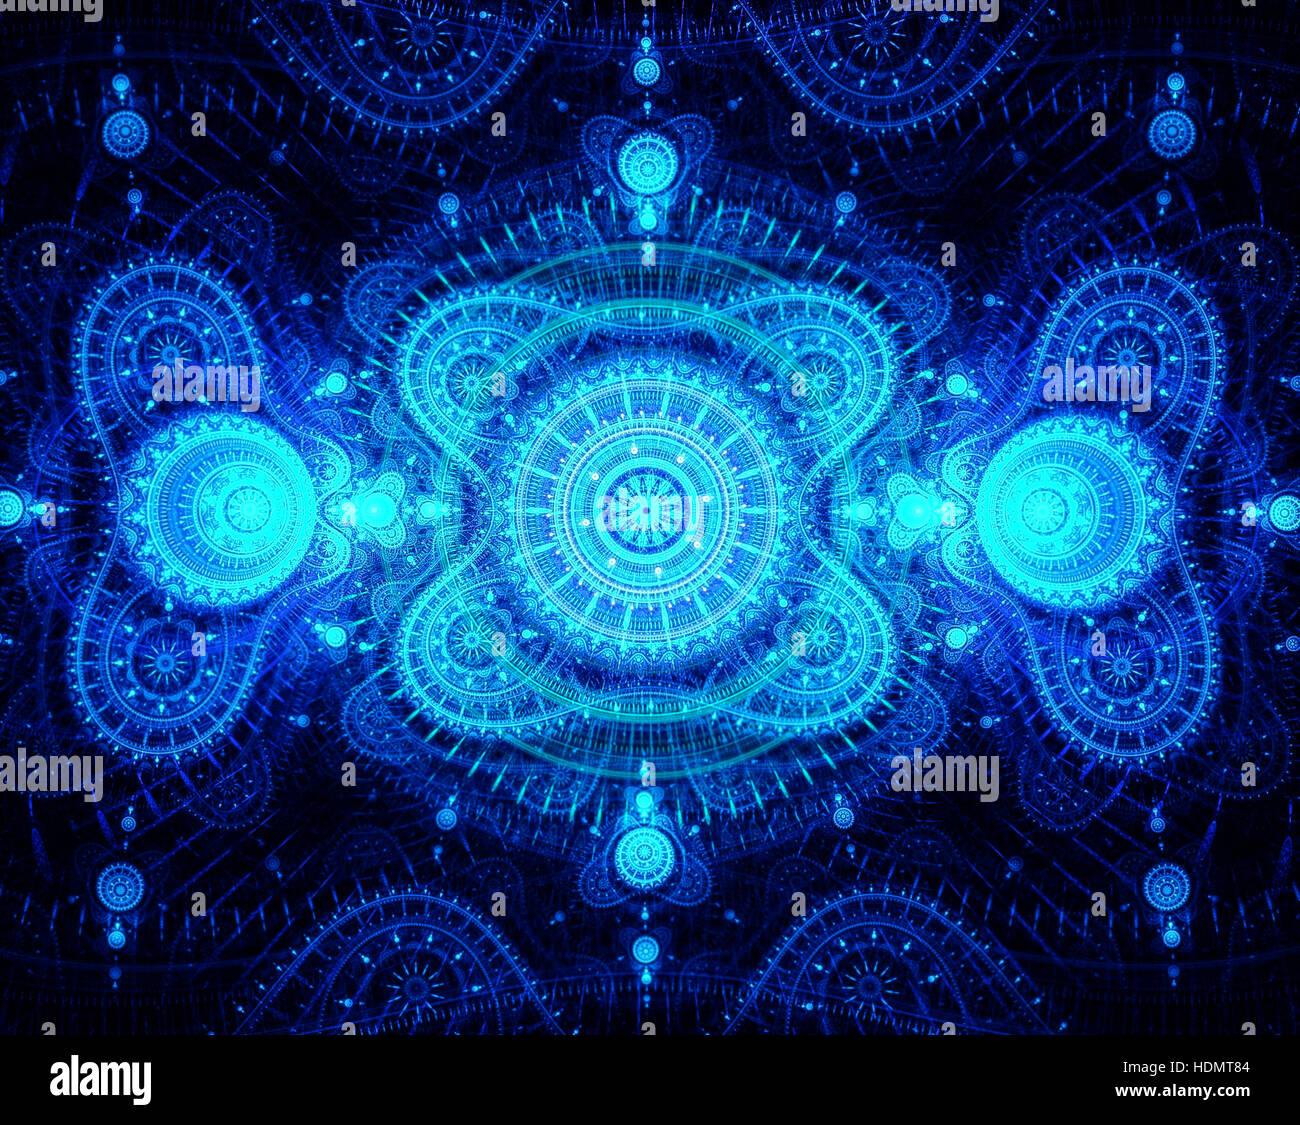 Zusammenfassung Hintergrund - Computer-generierte Bild. Stockbild